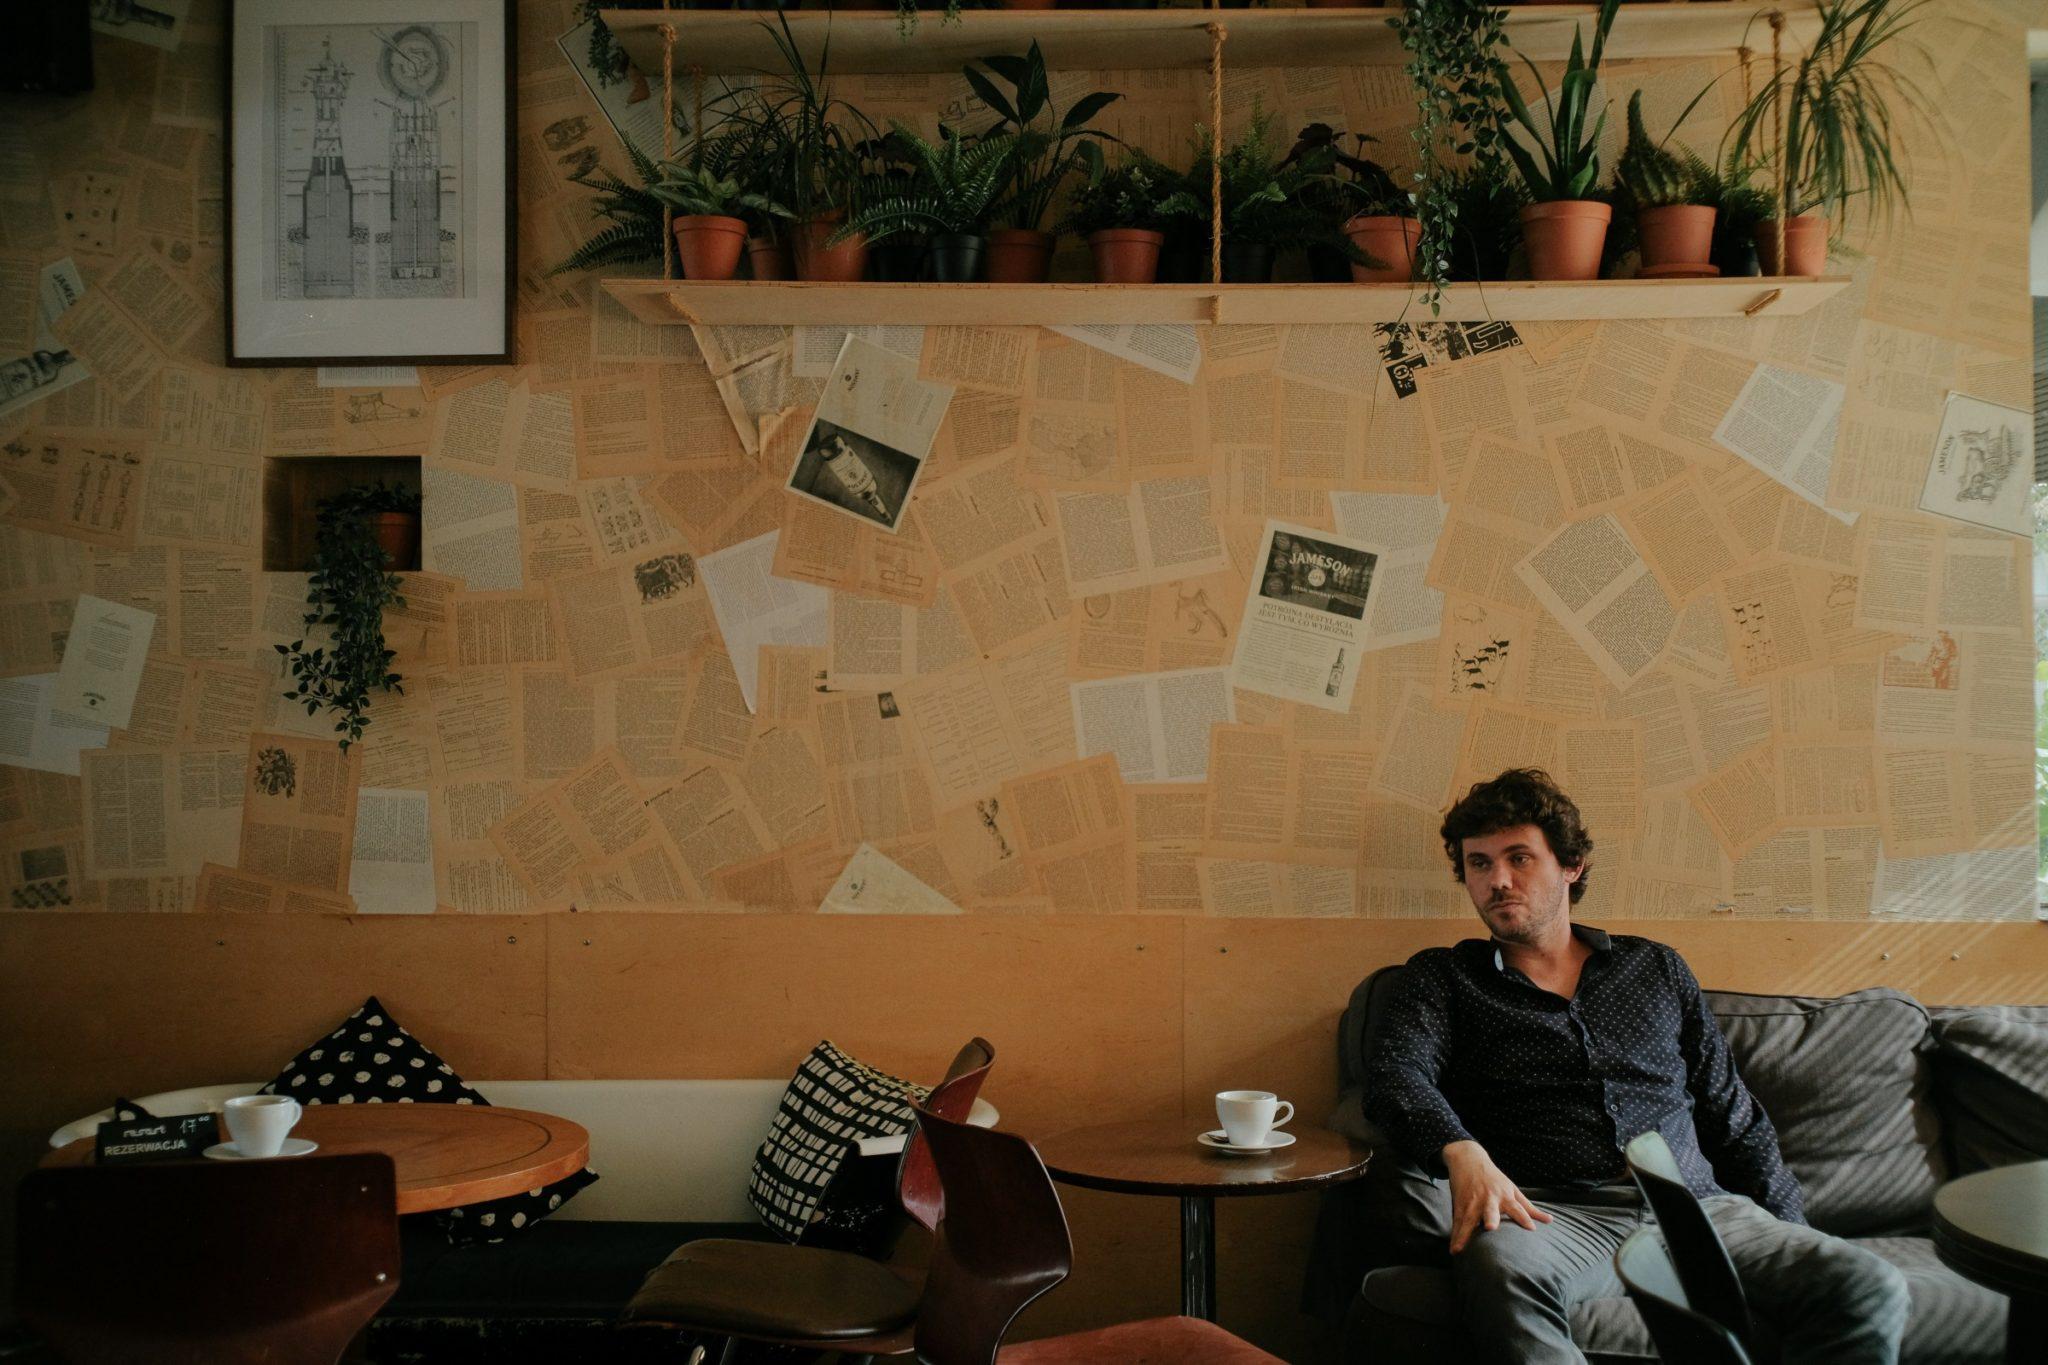 Mężczyza siedzący przy stoliku w kawiarni